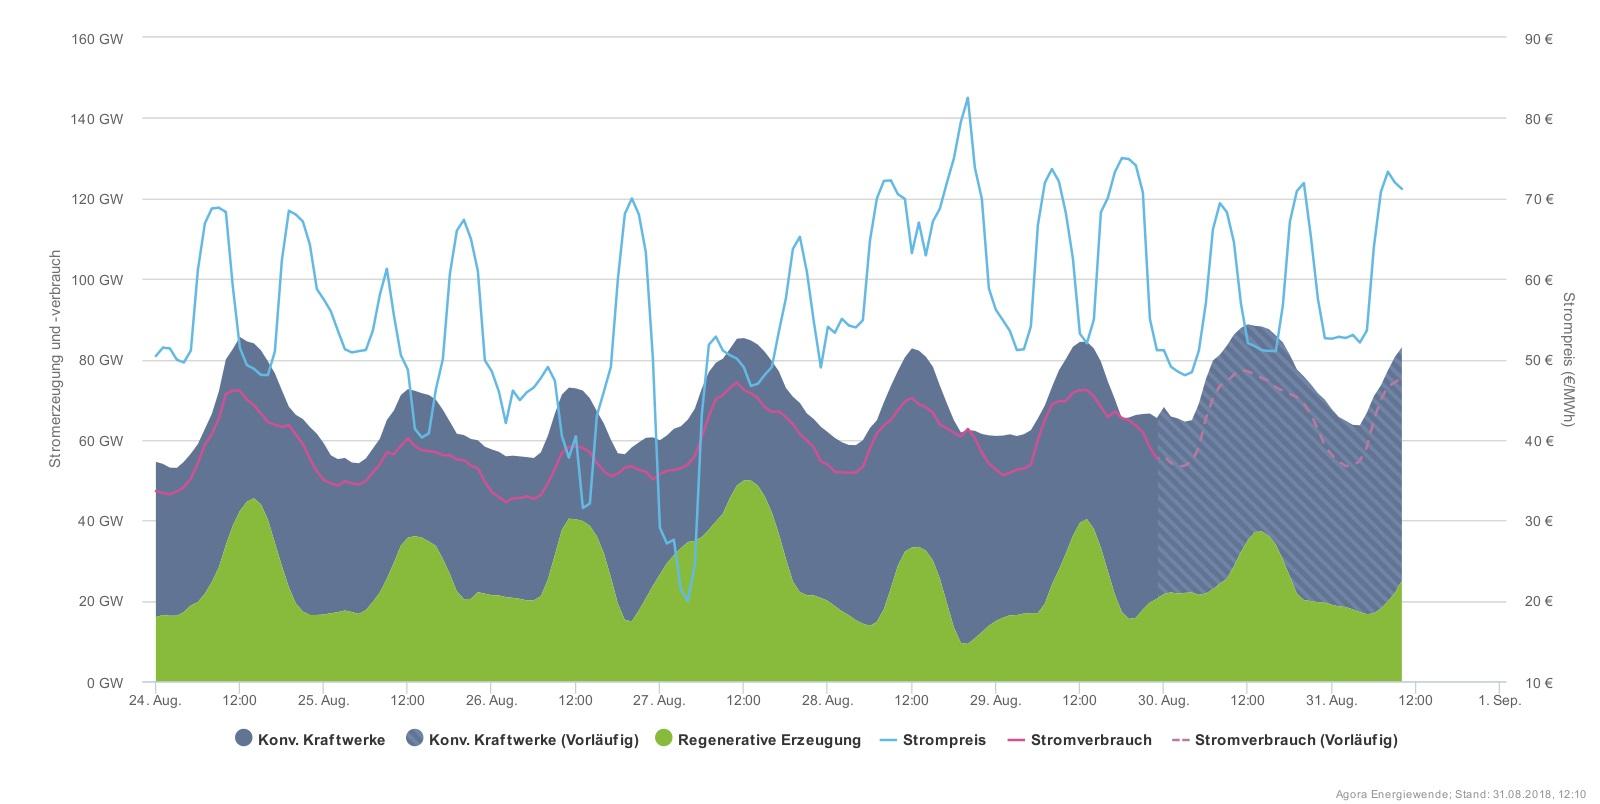 Cena elektřiny se na německém trhu pohybovala v téměř celém minulém týdnu nad hodnotou 50  EUR/MWh a dosahovala hodnot až přes 70 EUR/MWh. Jedinou výjimkou byly krátká období zlepšení větrných podmínek a jejich souběhu se svitem slunce.